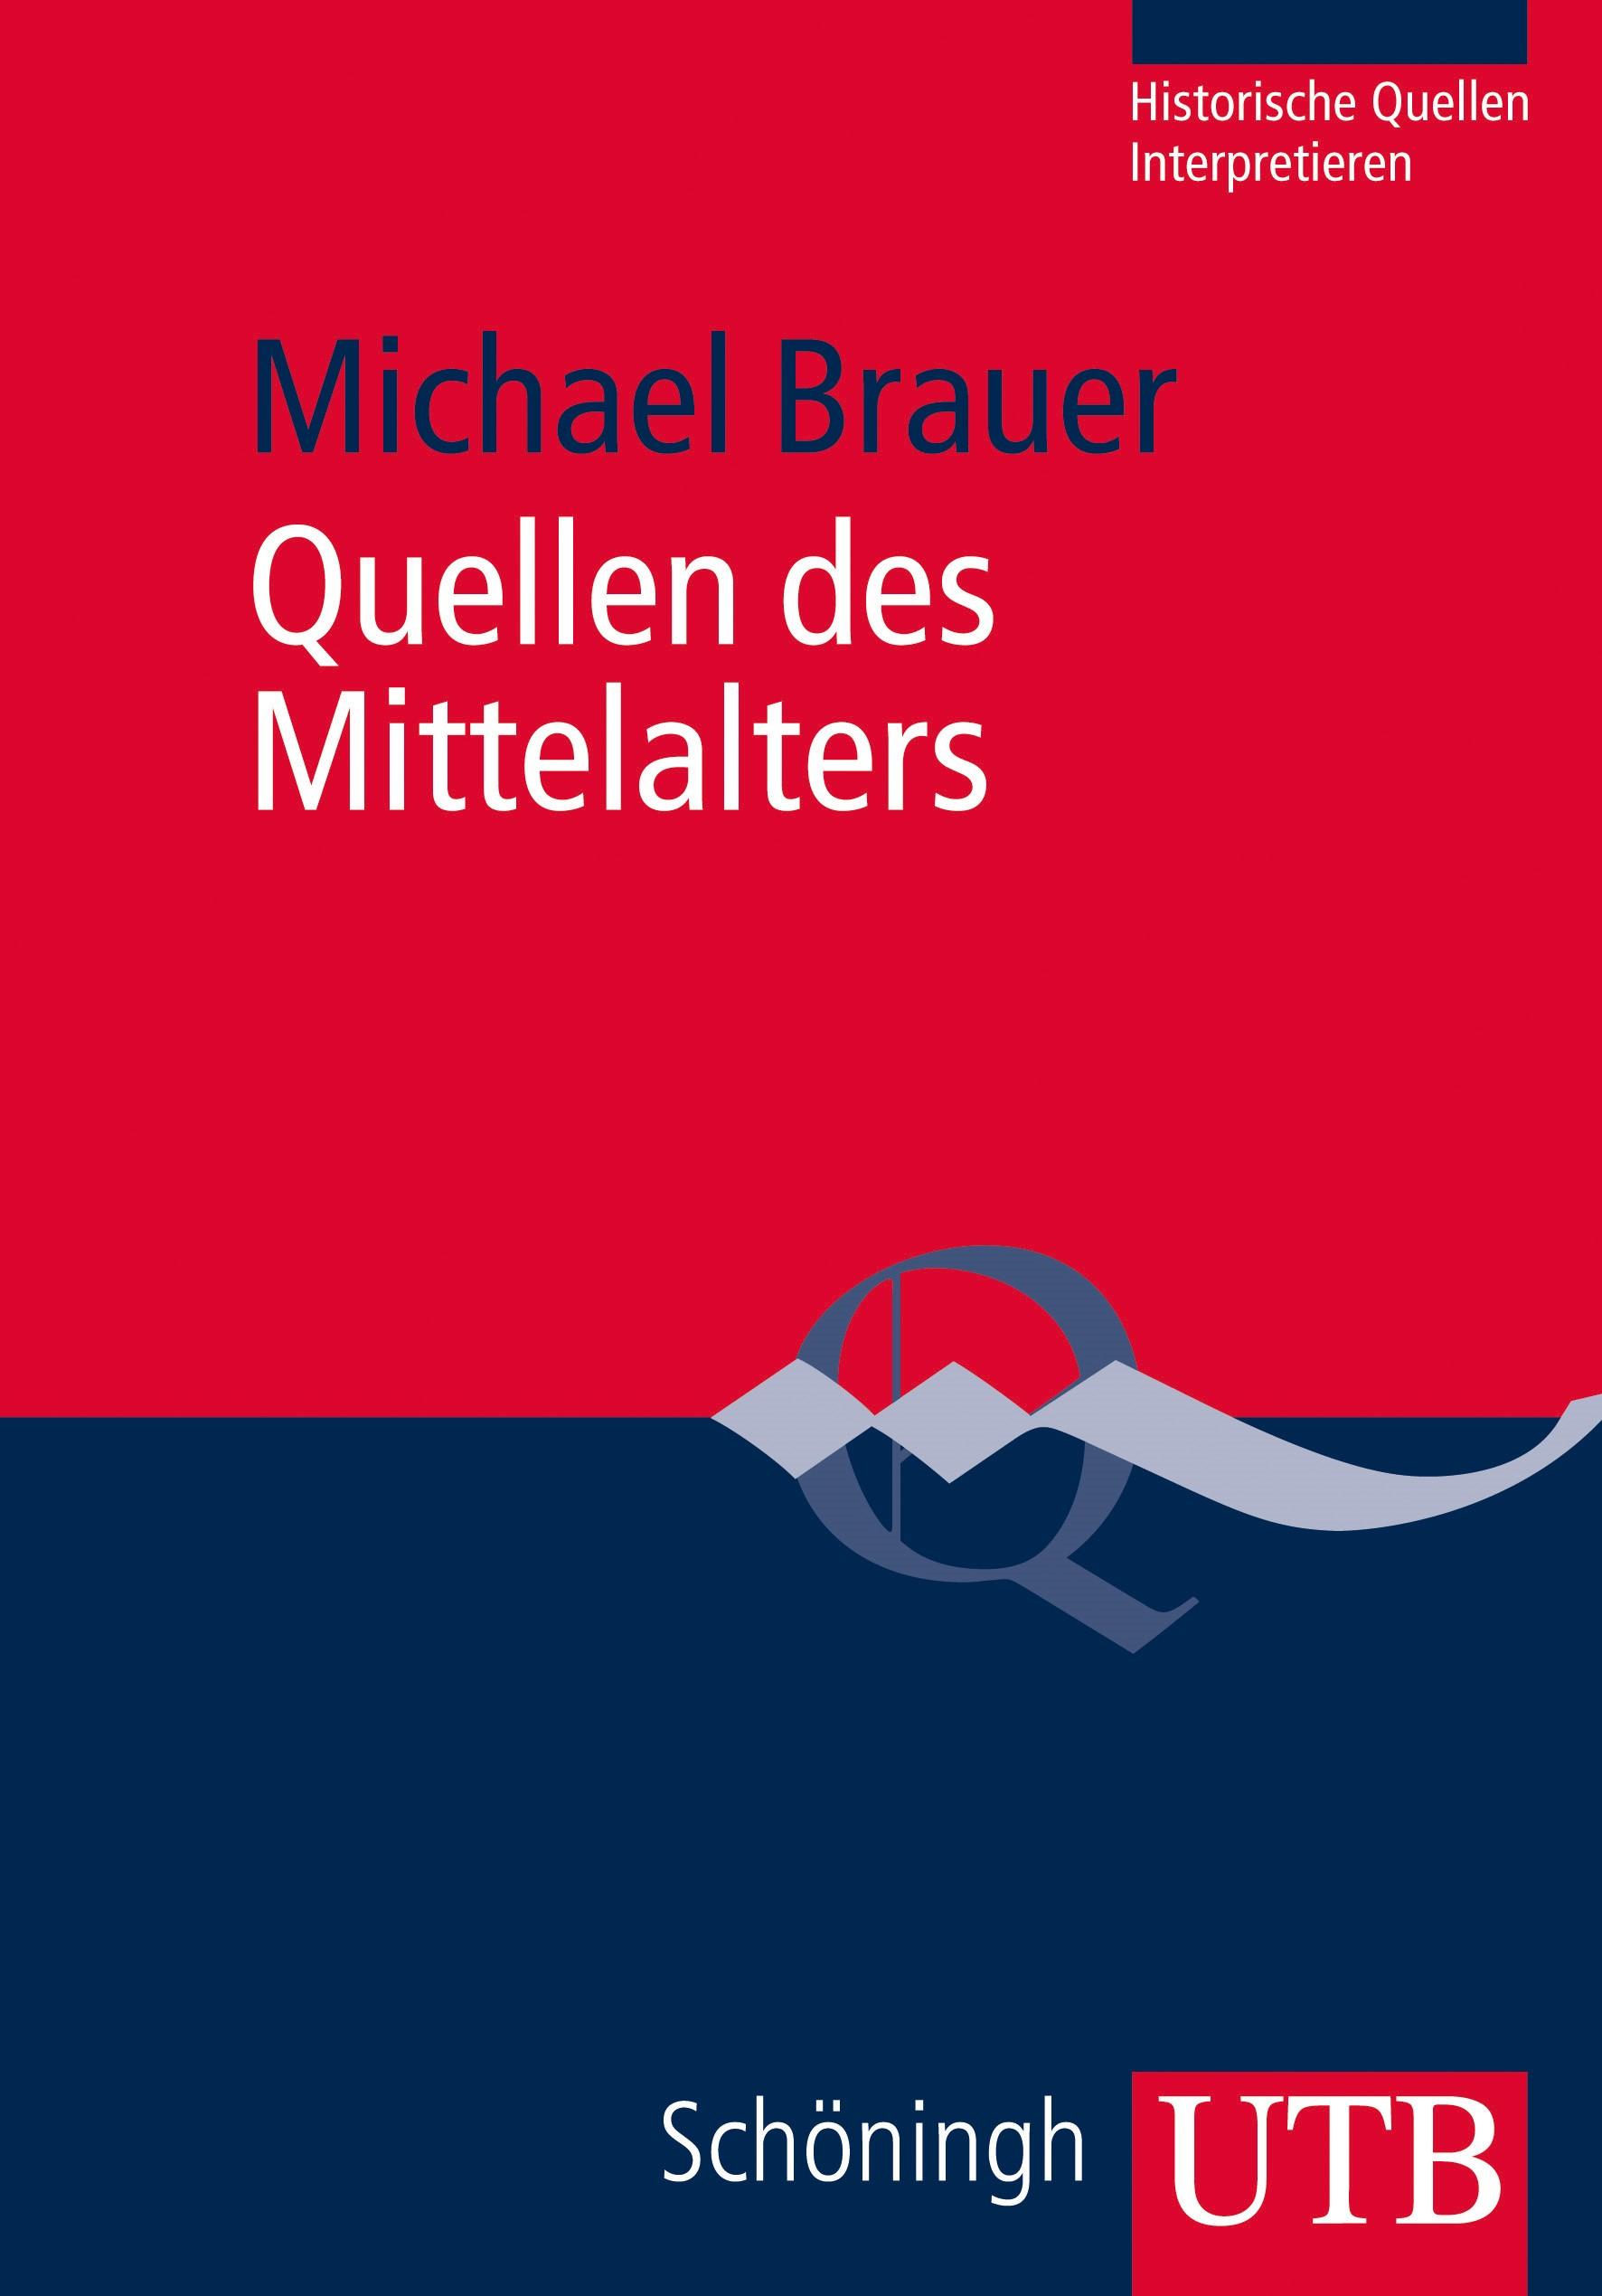 Quellen des Mittelalters | Brauer | 1. Auflage 2013, 2013 | Buch (Cover)